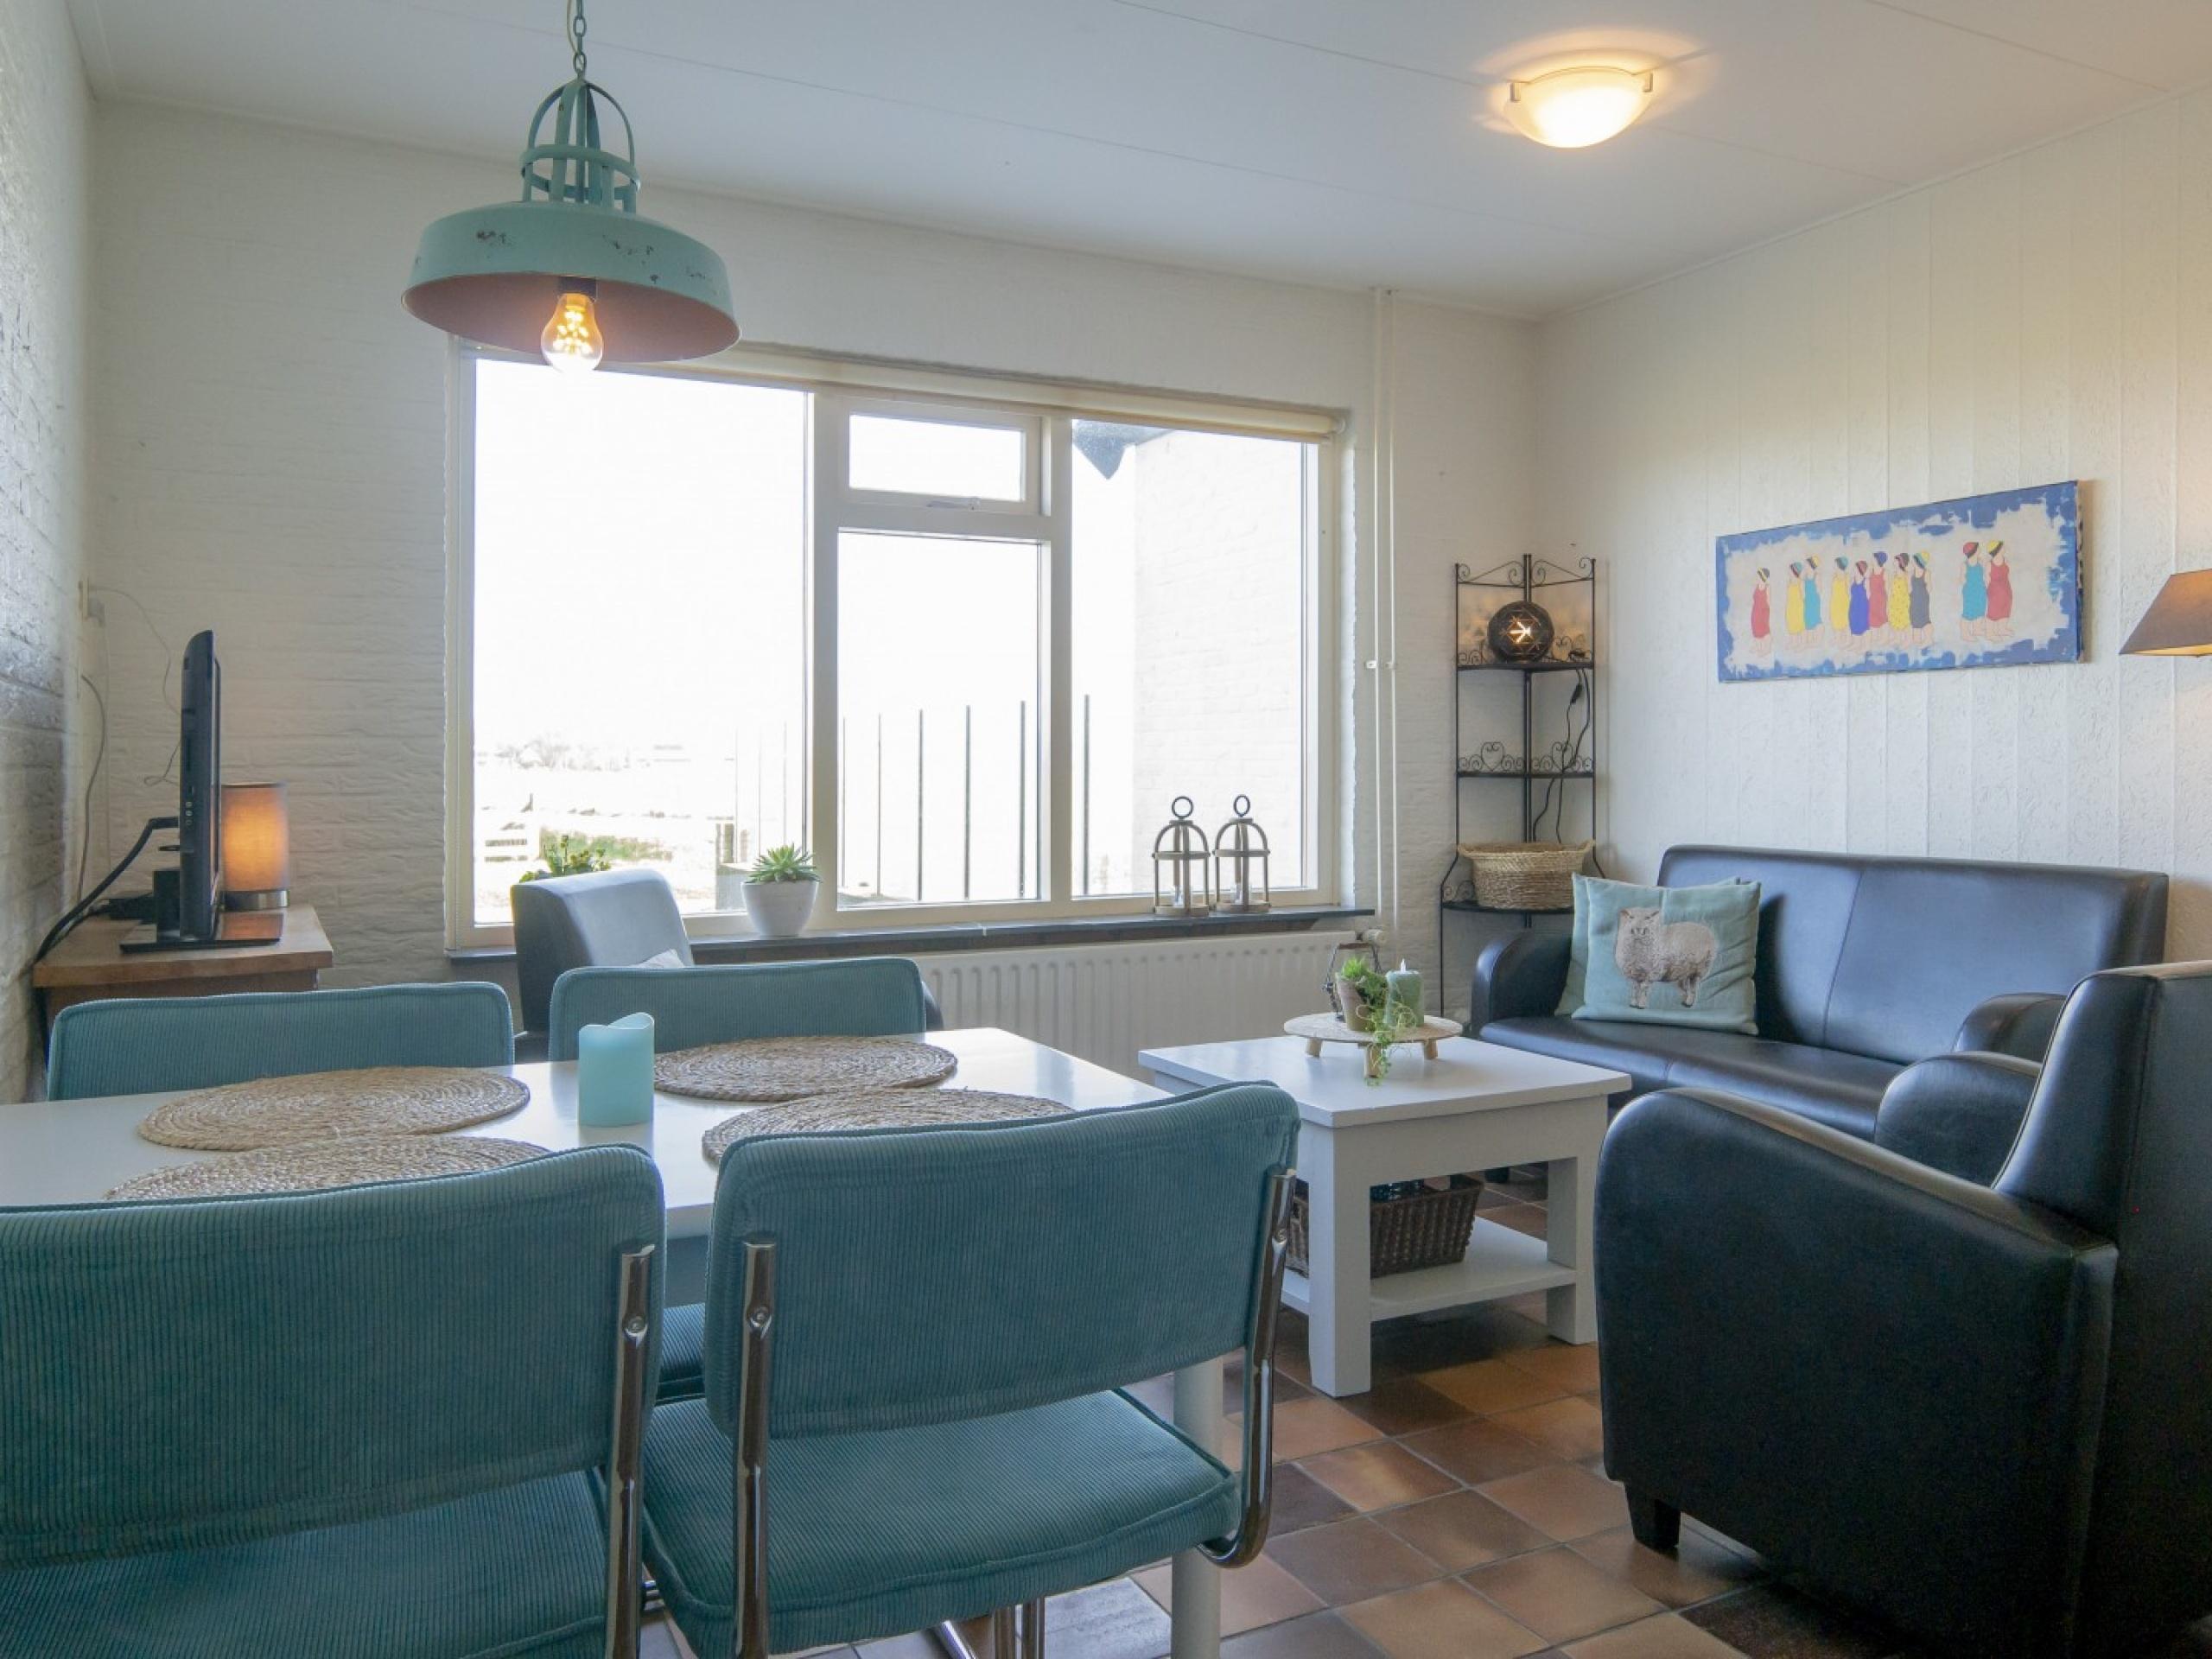 Knus comfortabel vakantiehuis met landelijke ligging bij Den Burg